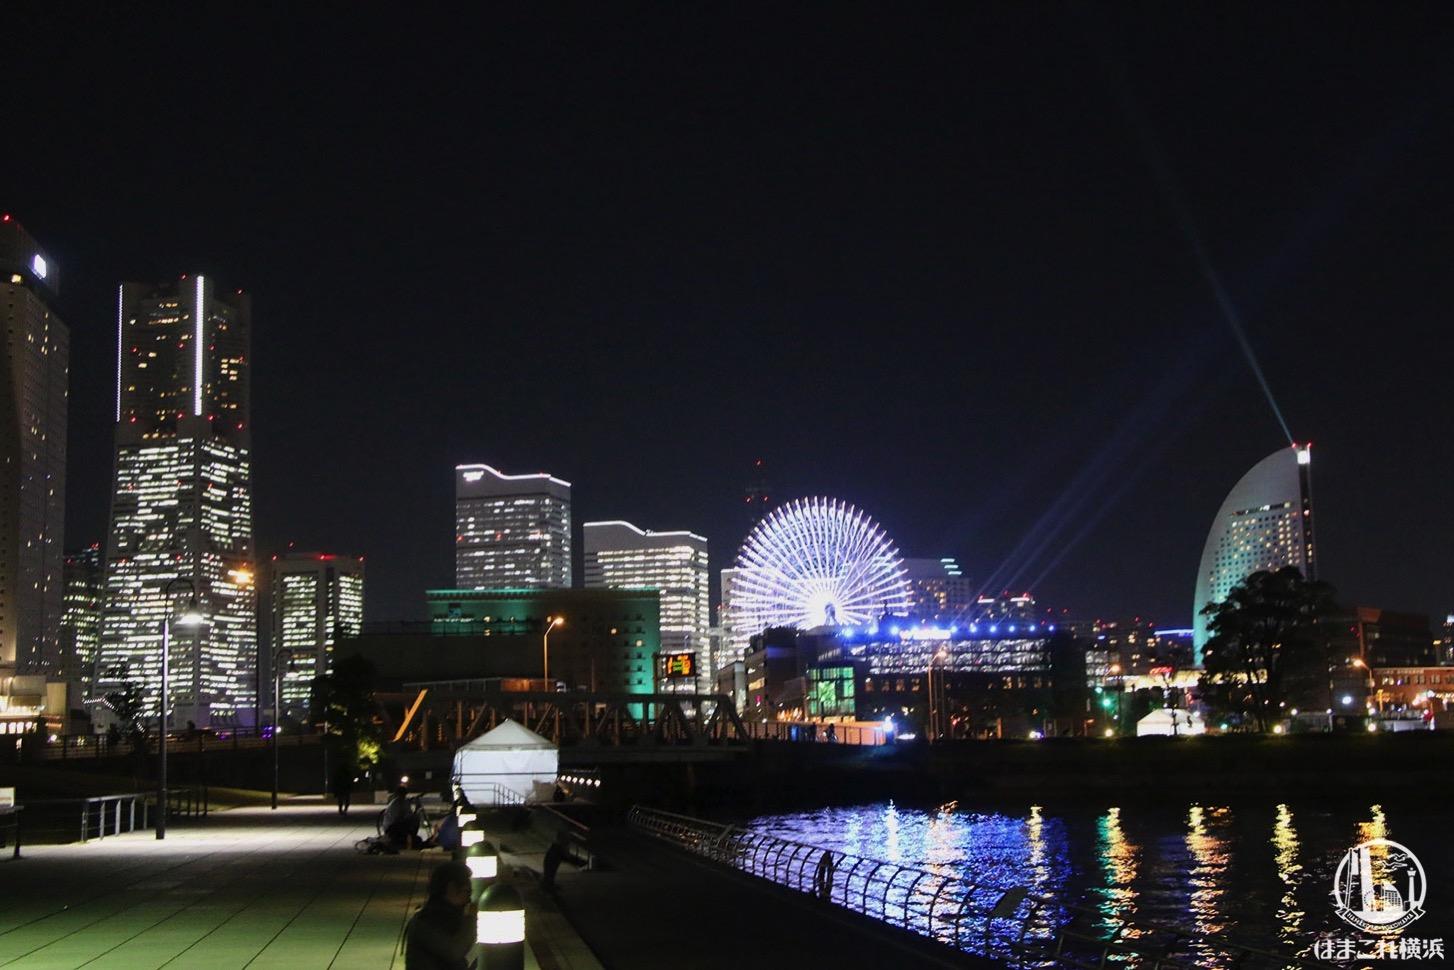 横浜の夜景とサーチライト